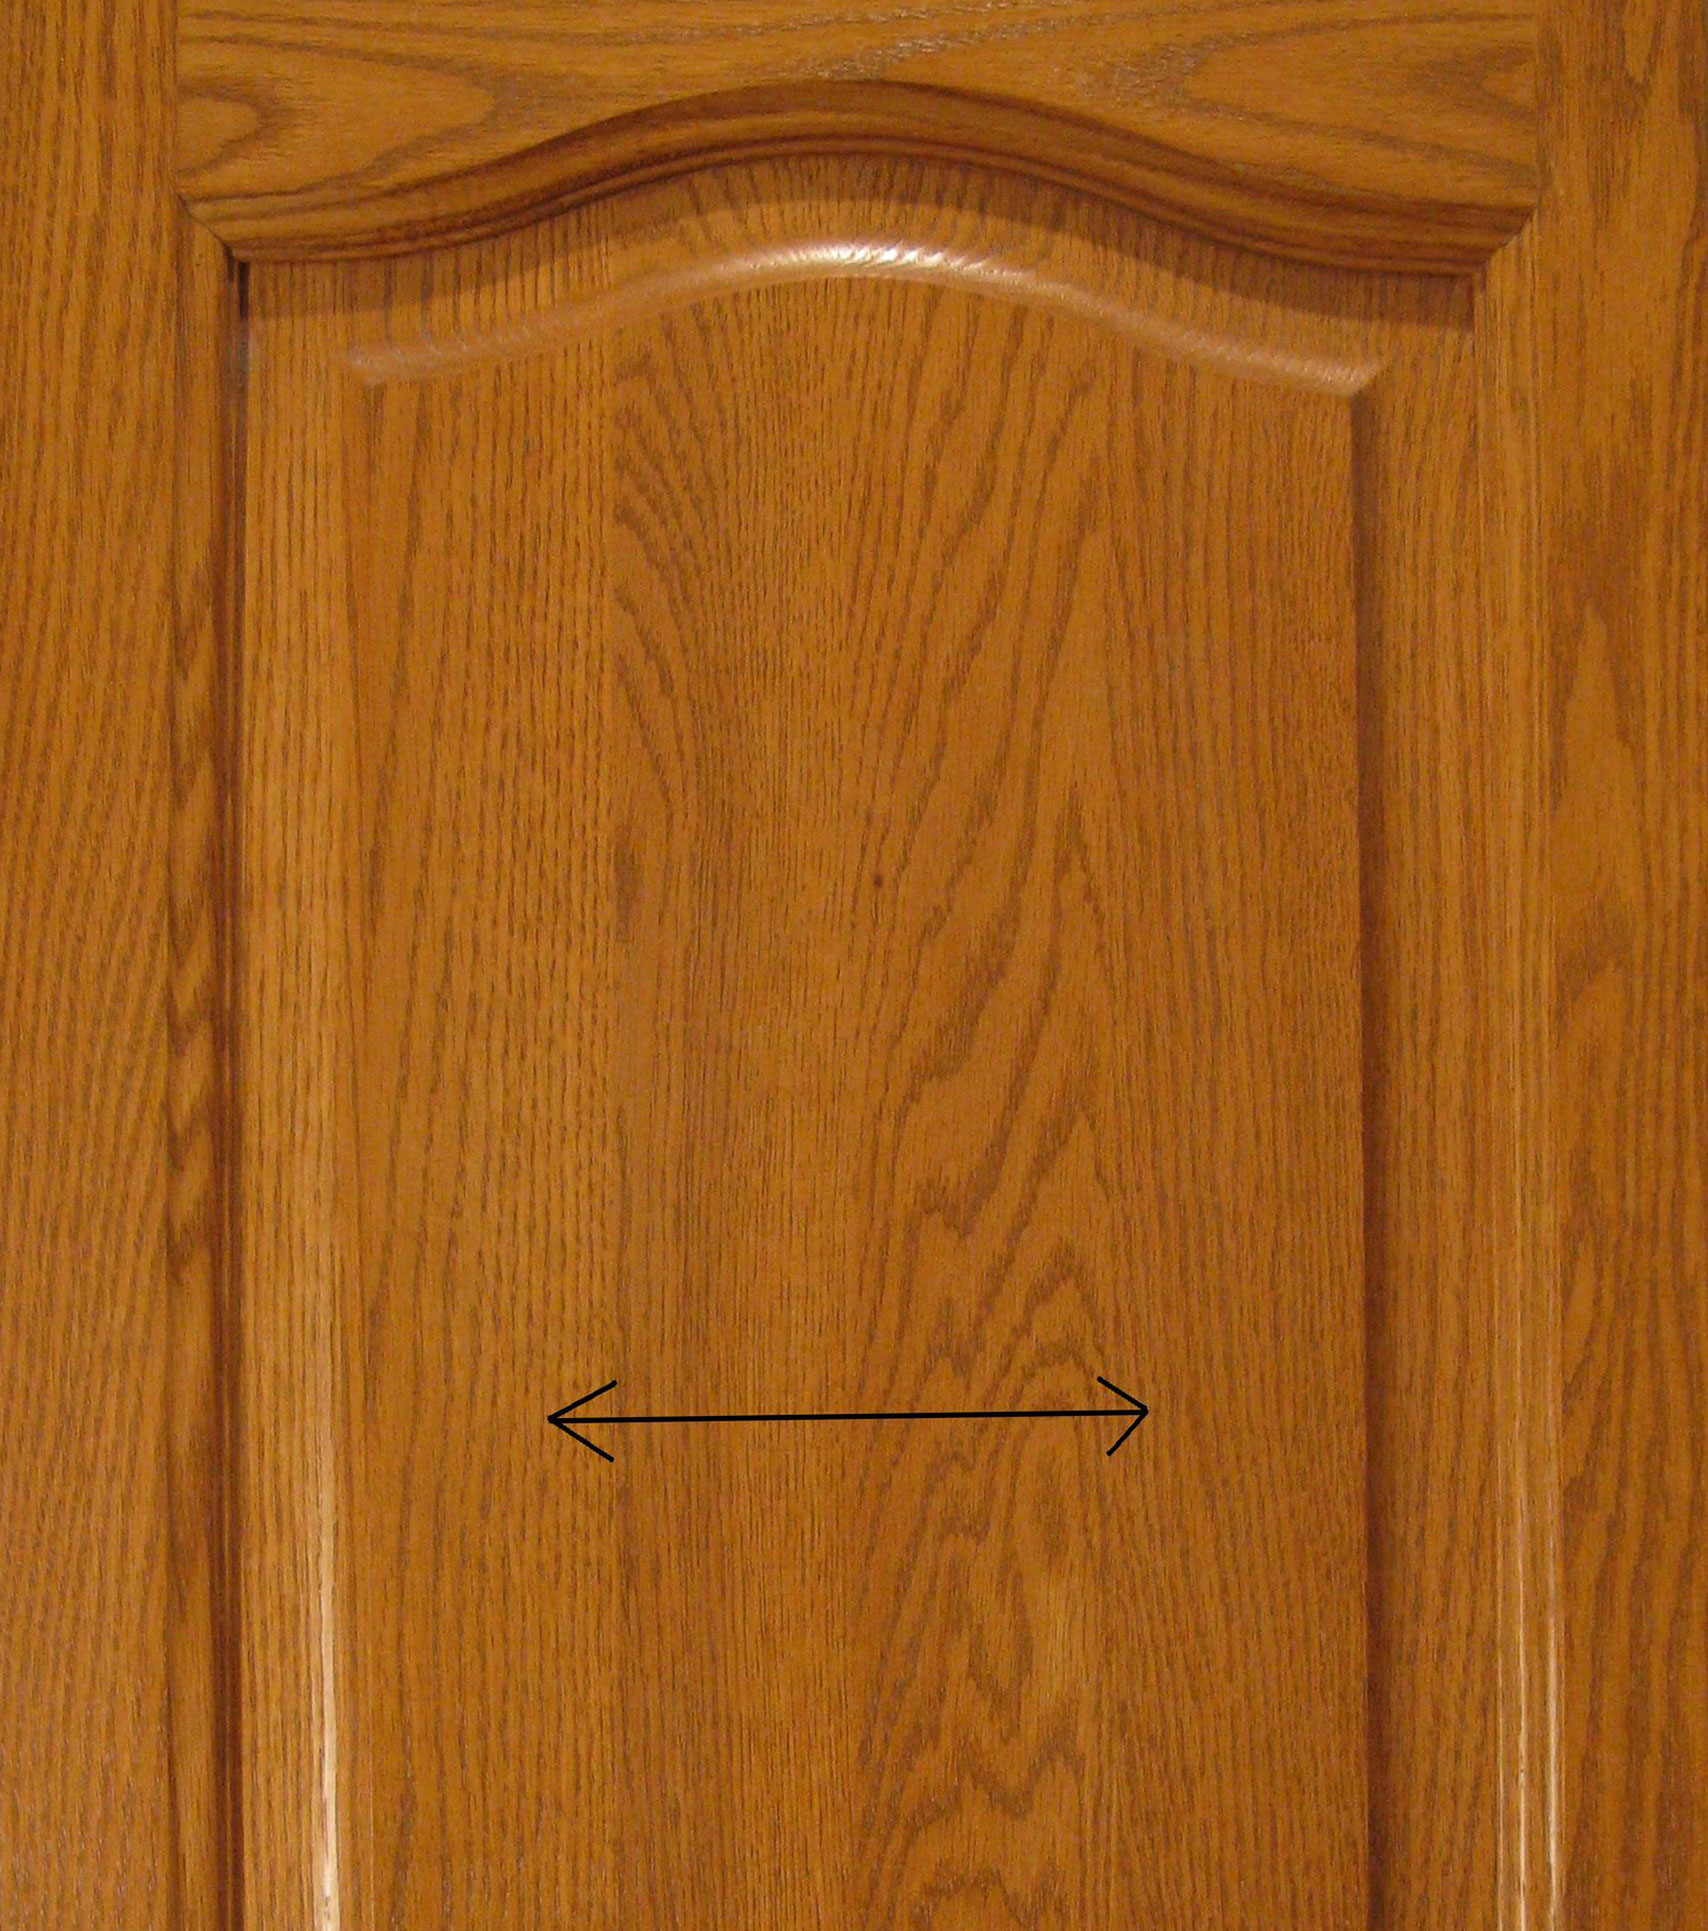 Wooden cabinet door.